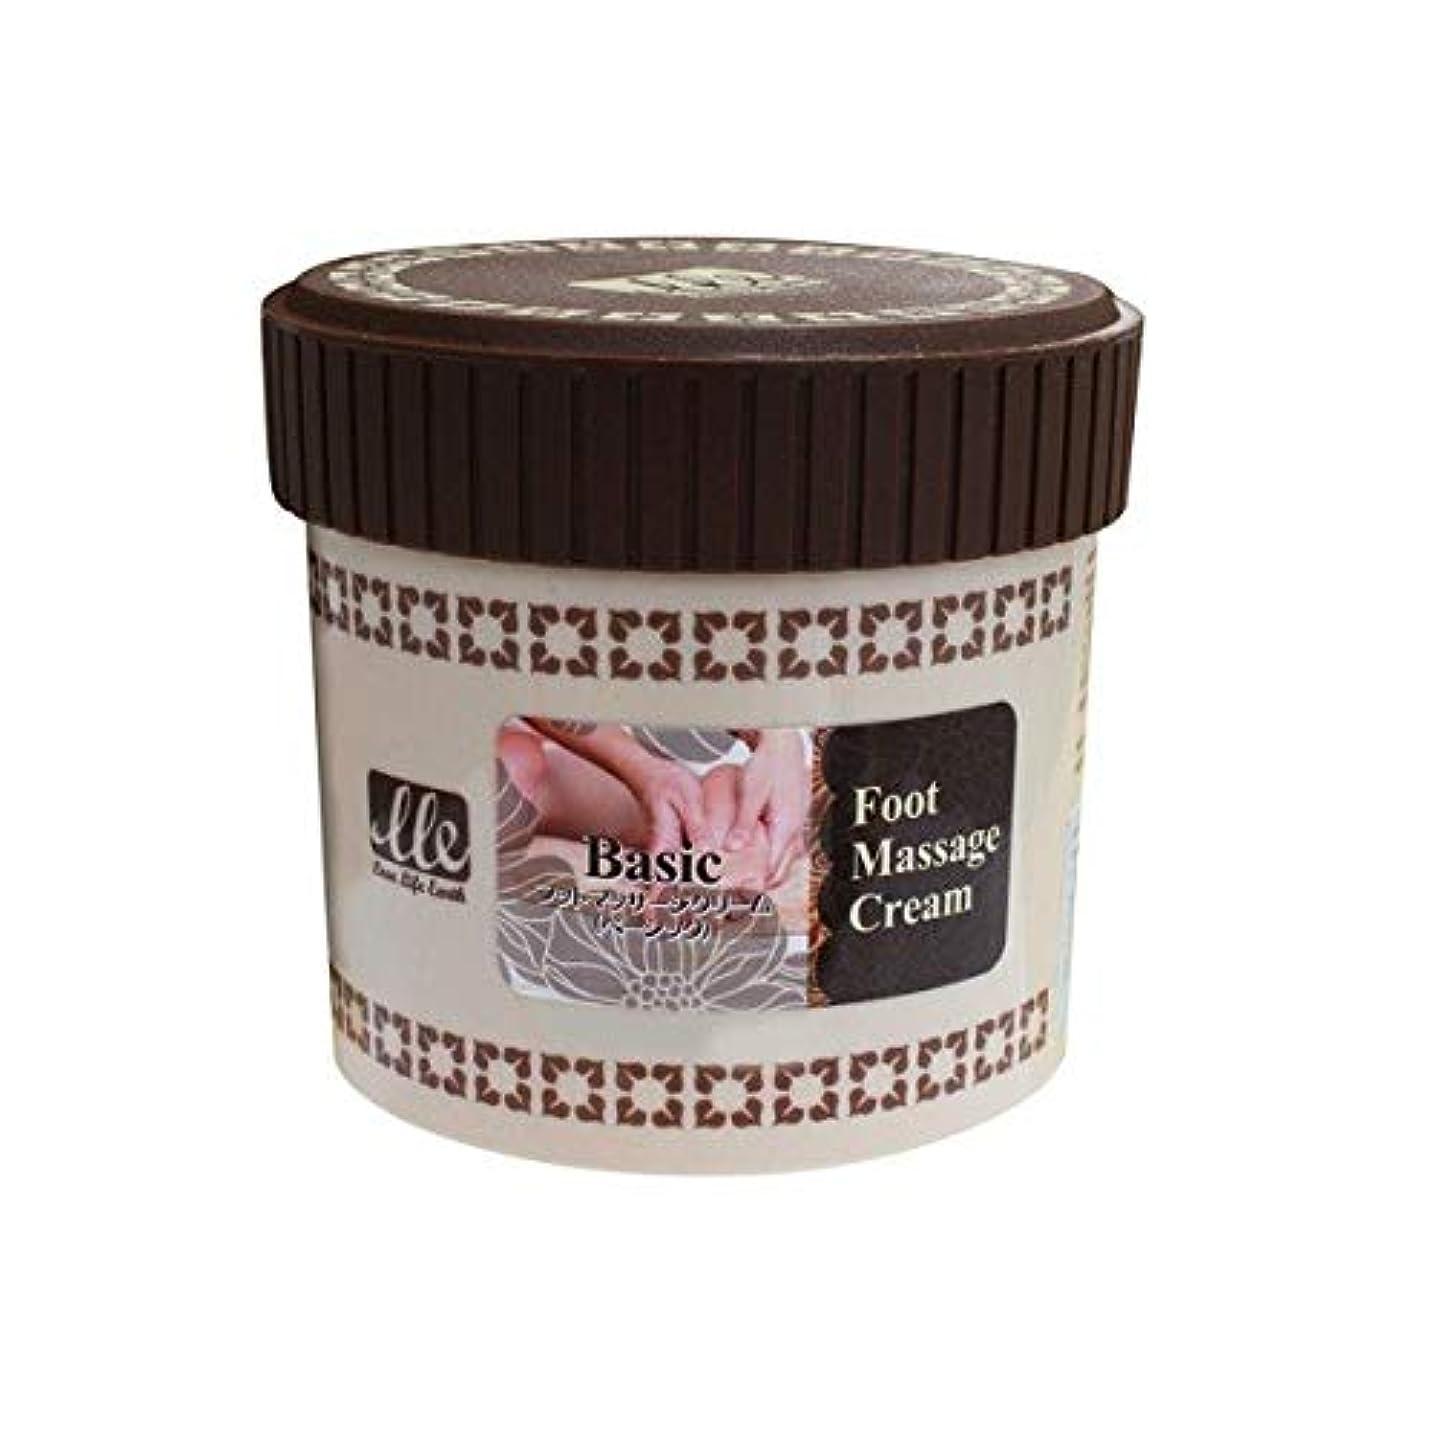 コントラストスパーク追放するLLE フットマッサージクリーム 業務用 450g (ベーシック) マッサージクリーム フットマッサージクリーム エステ用品